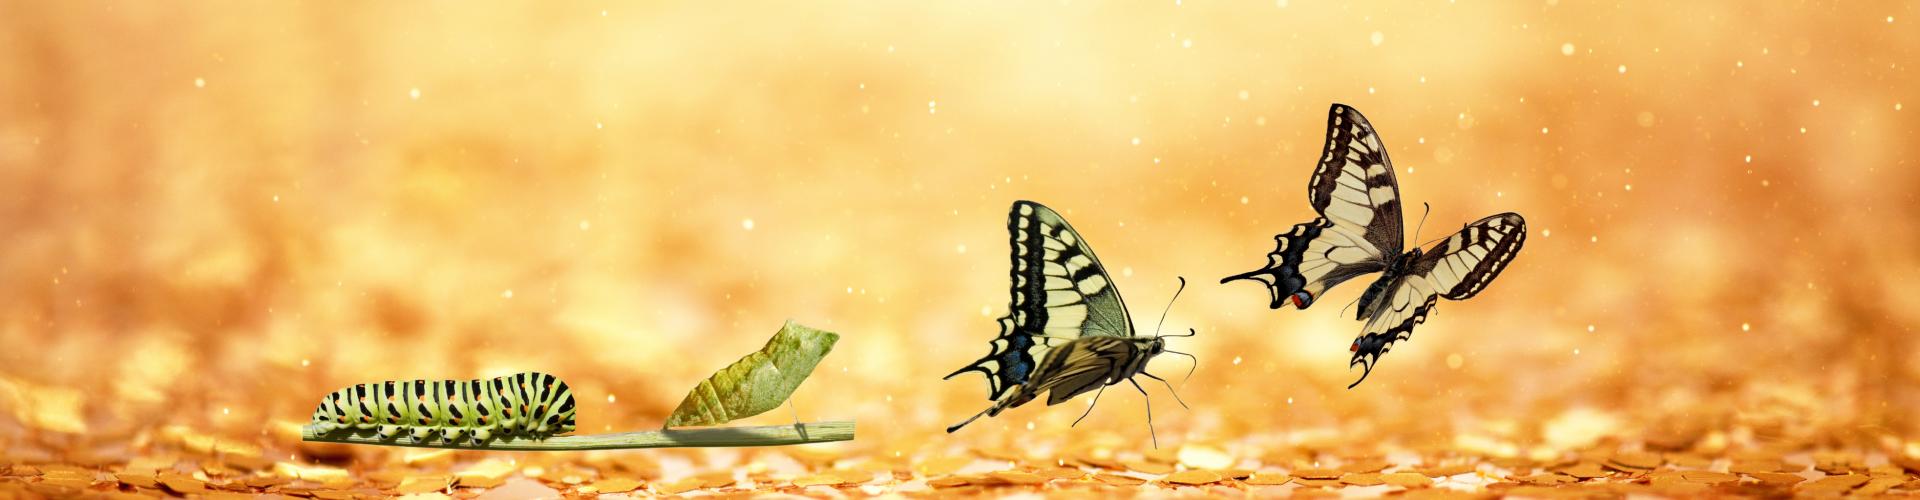 diepgaande transformatie, boost je persoonlijke groei